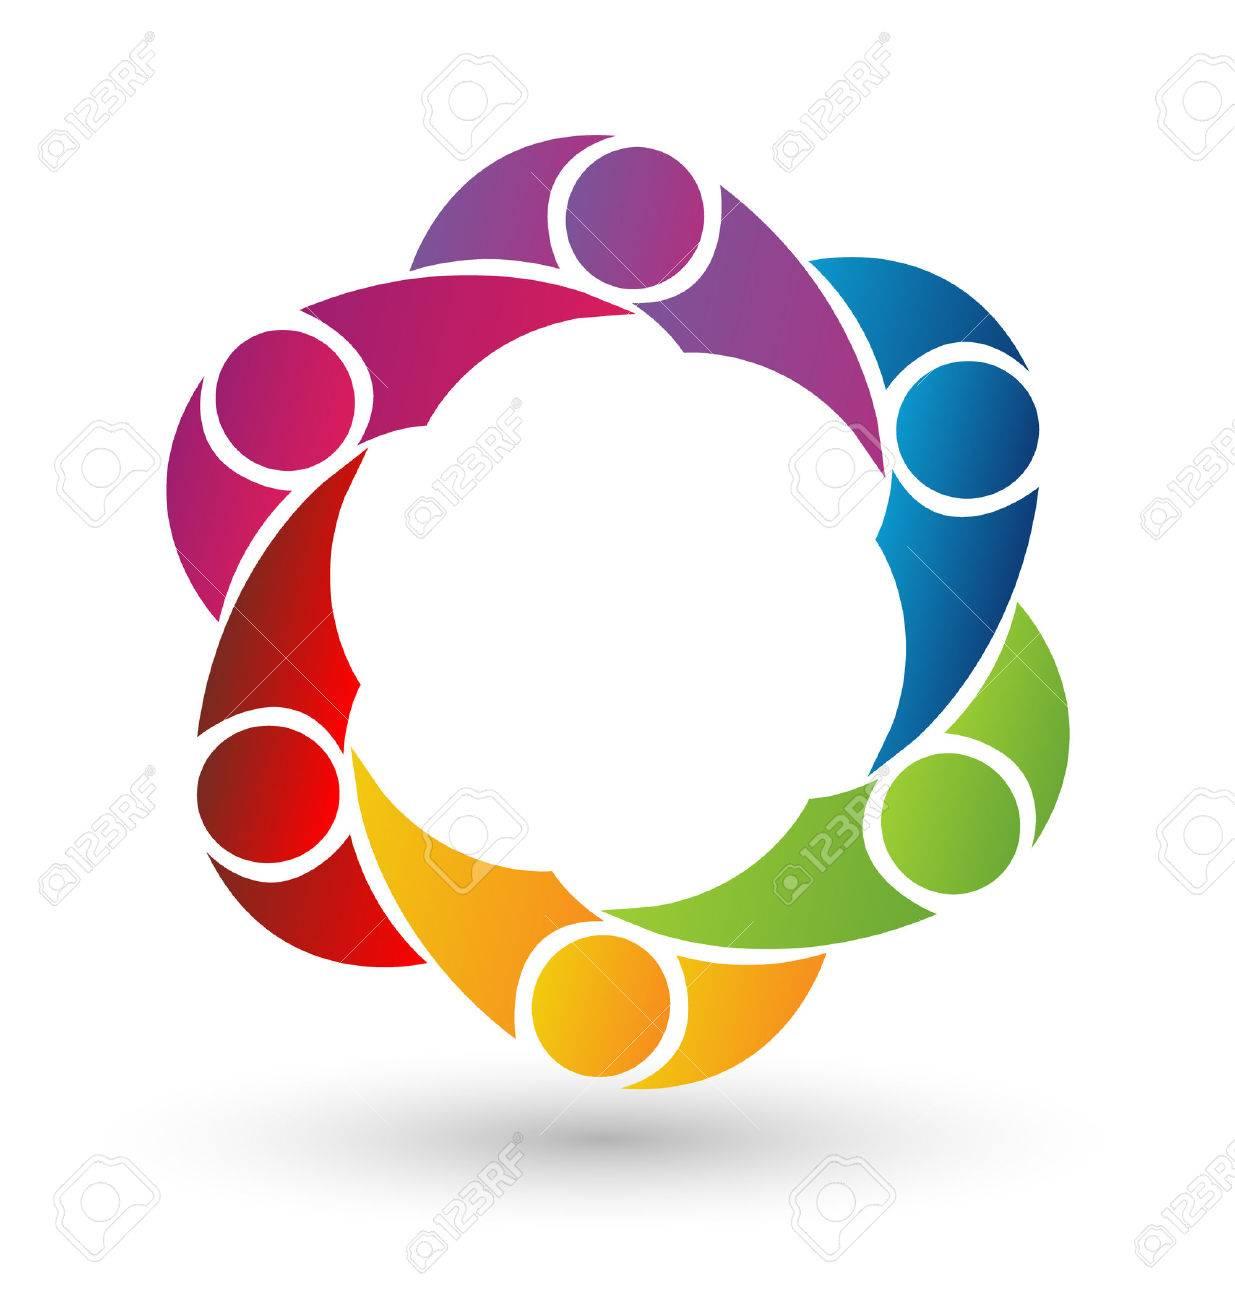 Vector teamwork social media icon - 24800956